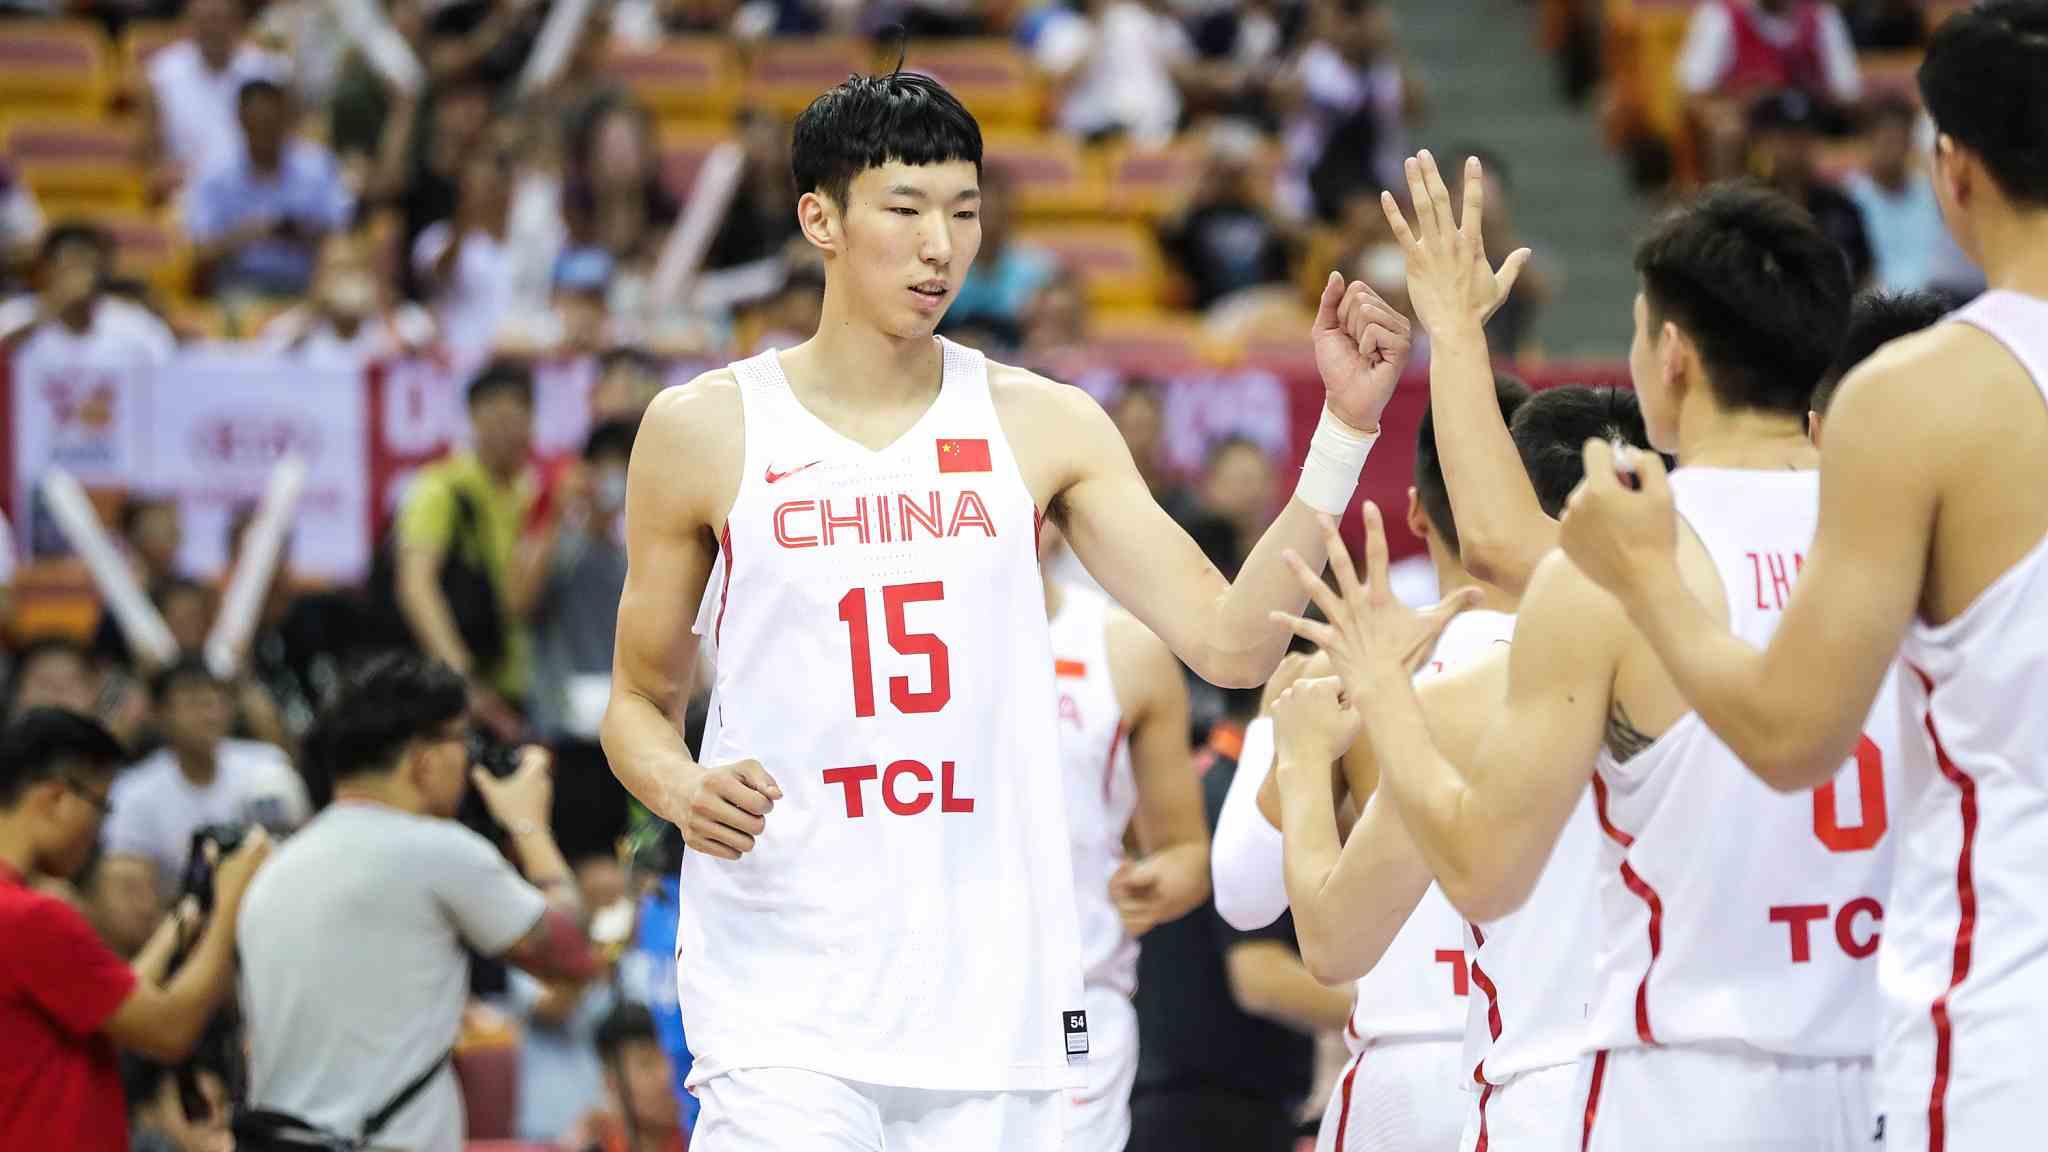 China's national basketball teams aim to be champions at Asian Games